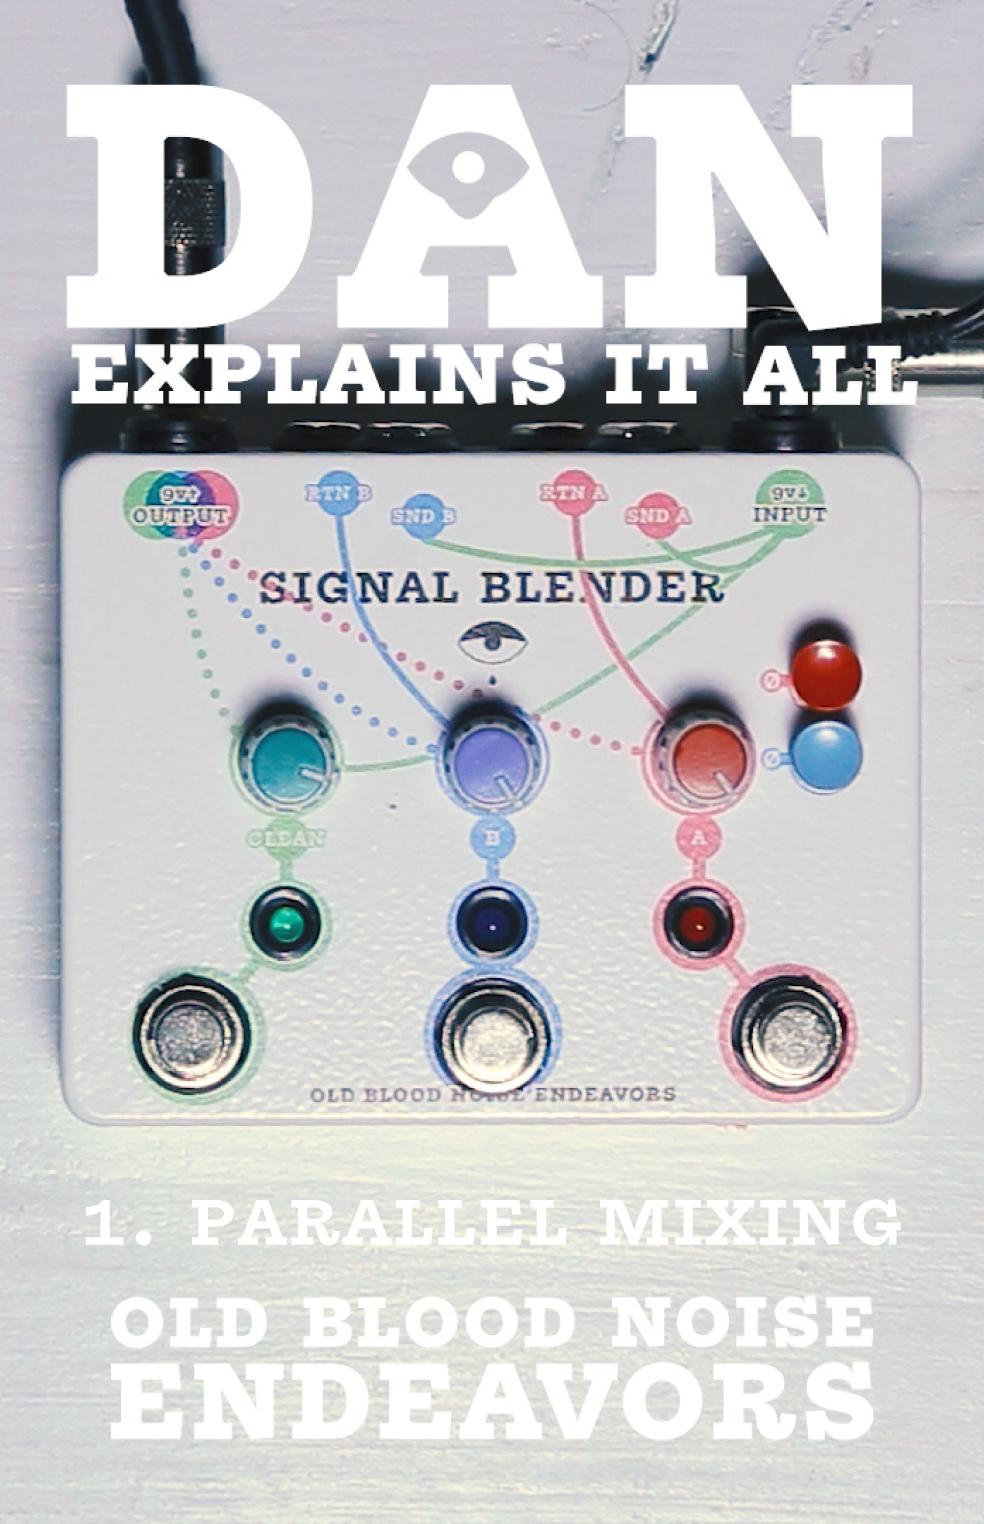 DEIA Signal Blender - Parallel Mixing - IGTV Thumbnail.jpg